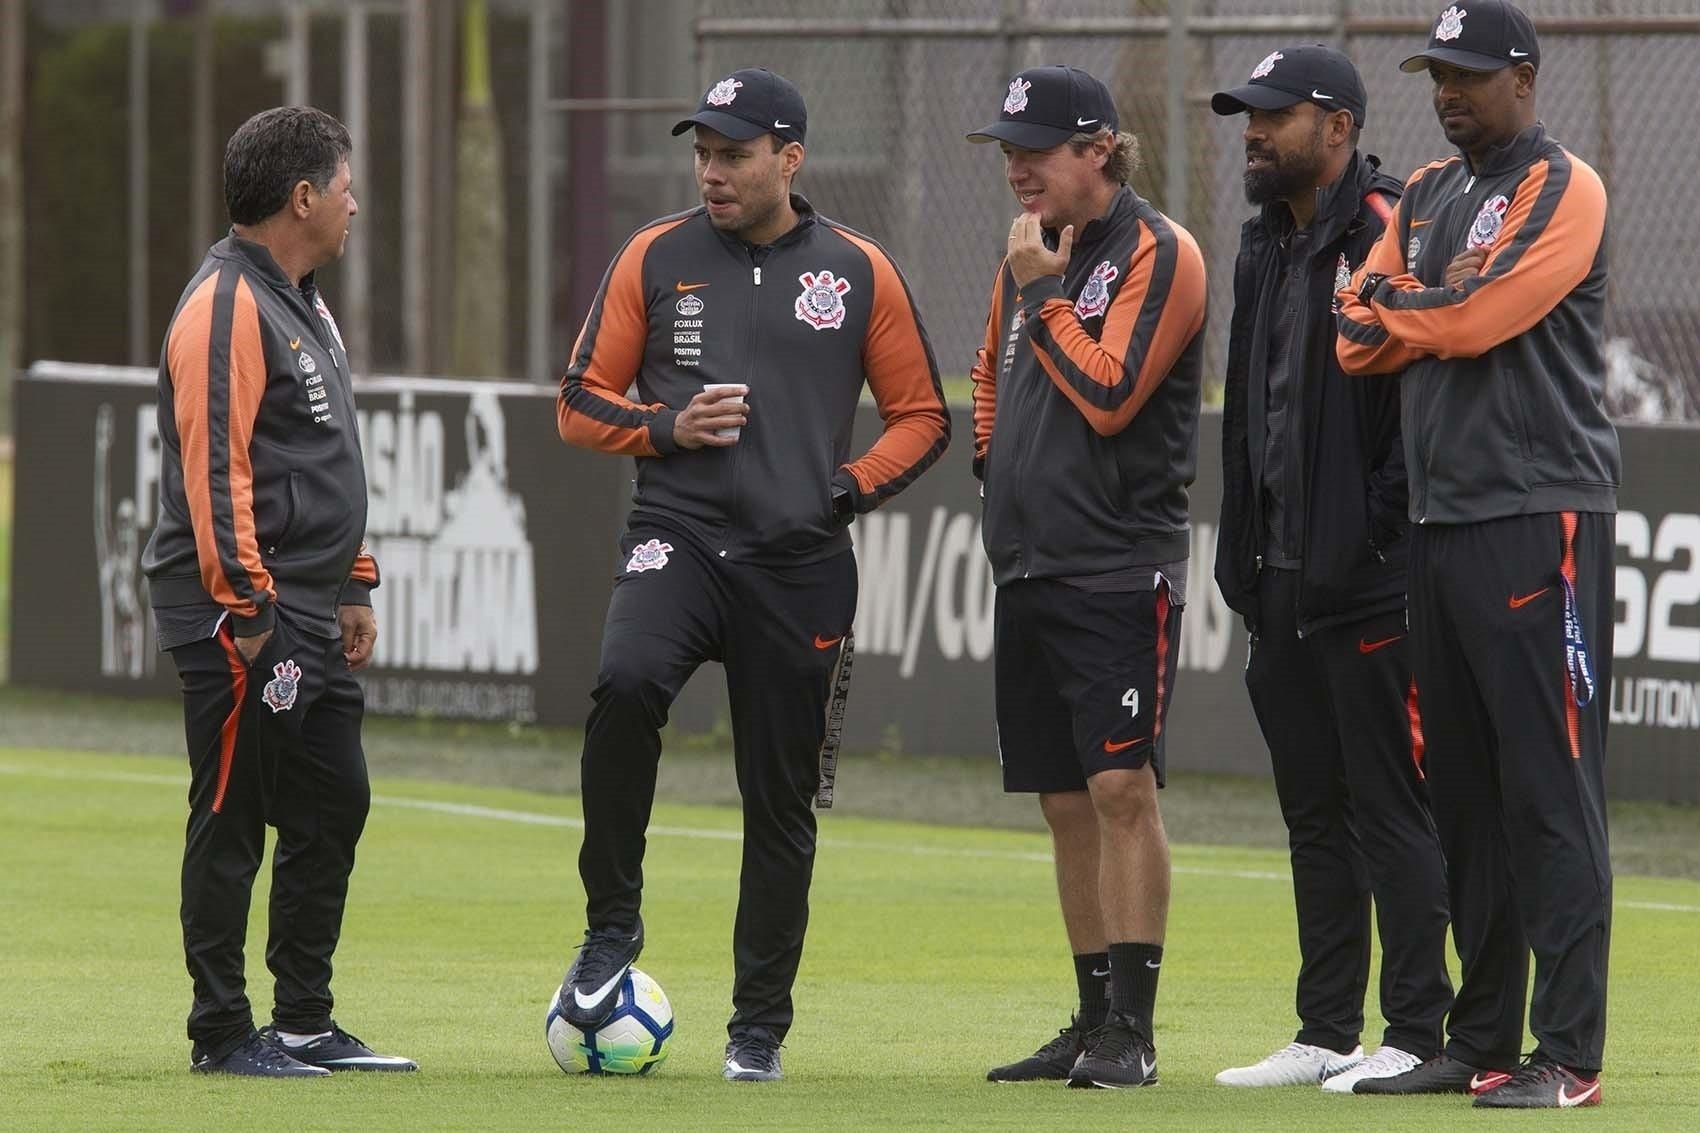 Volta de Carlos define se Corinthians repete time pela 1ª vez com Jair -  20 11 2018 - UOL Esporte 60f5716c3a3a7